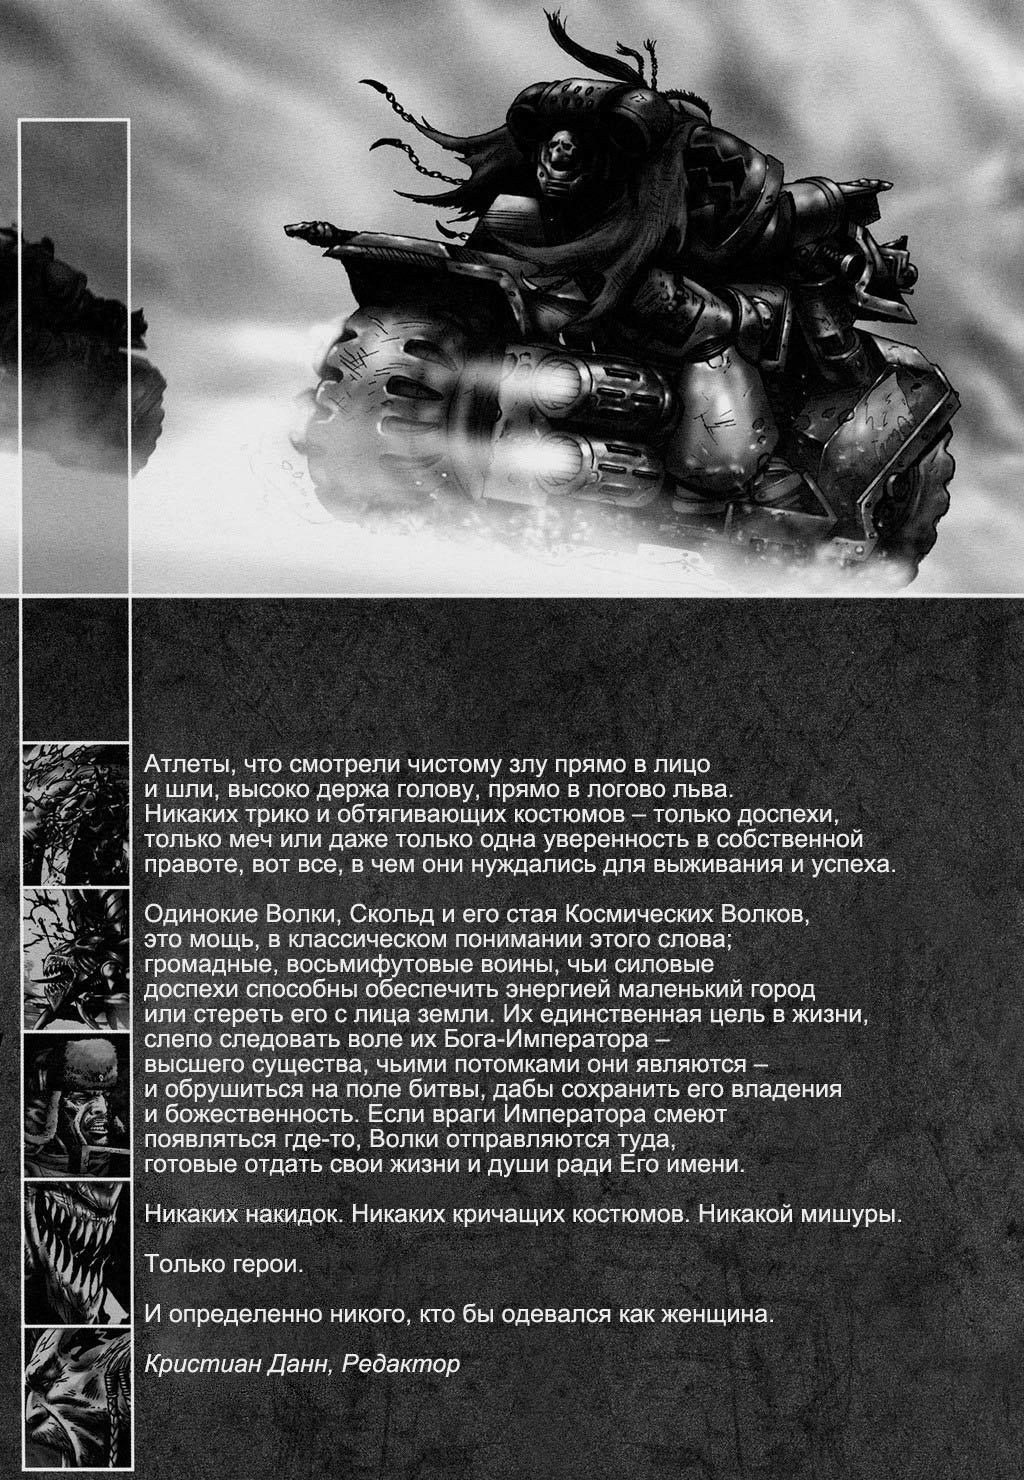 Вархаммер 40к Одинокие волки  серия 1 (комикс)